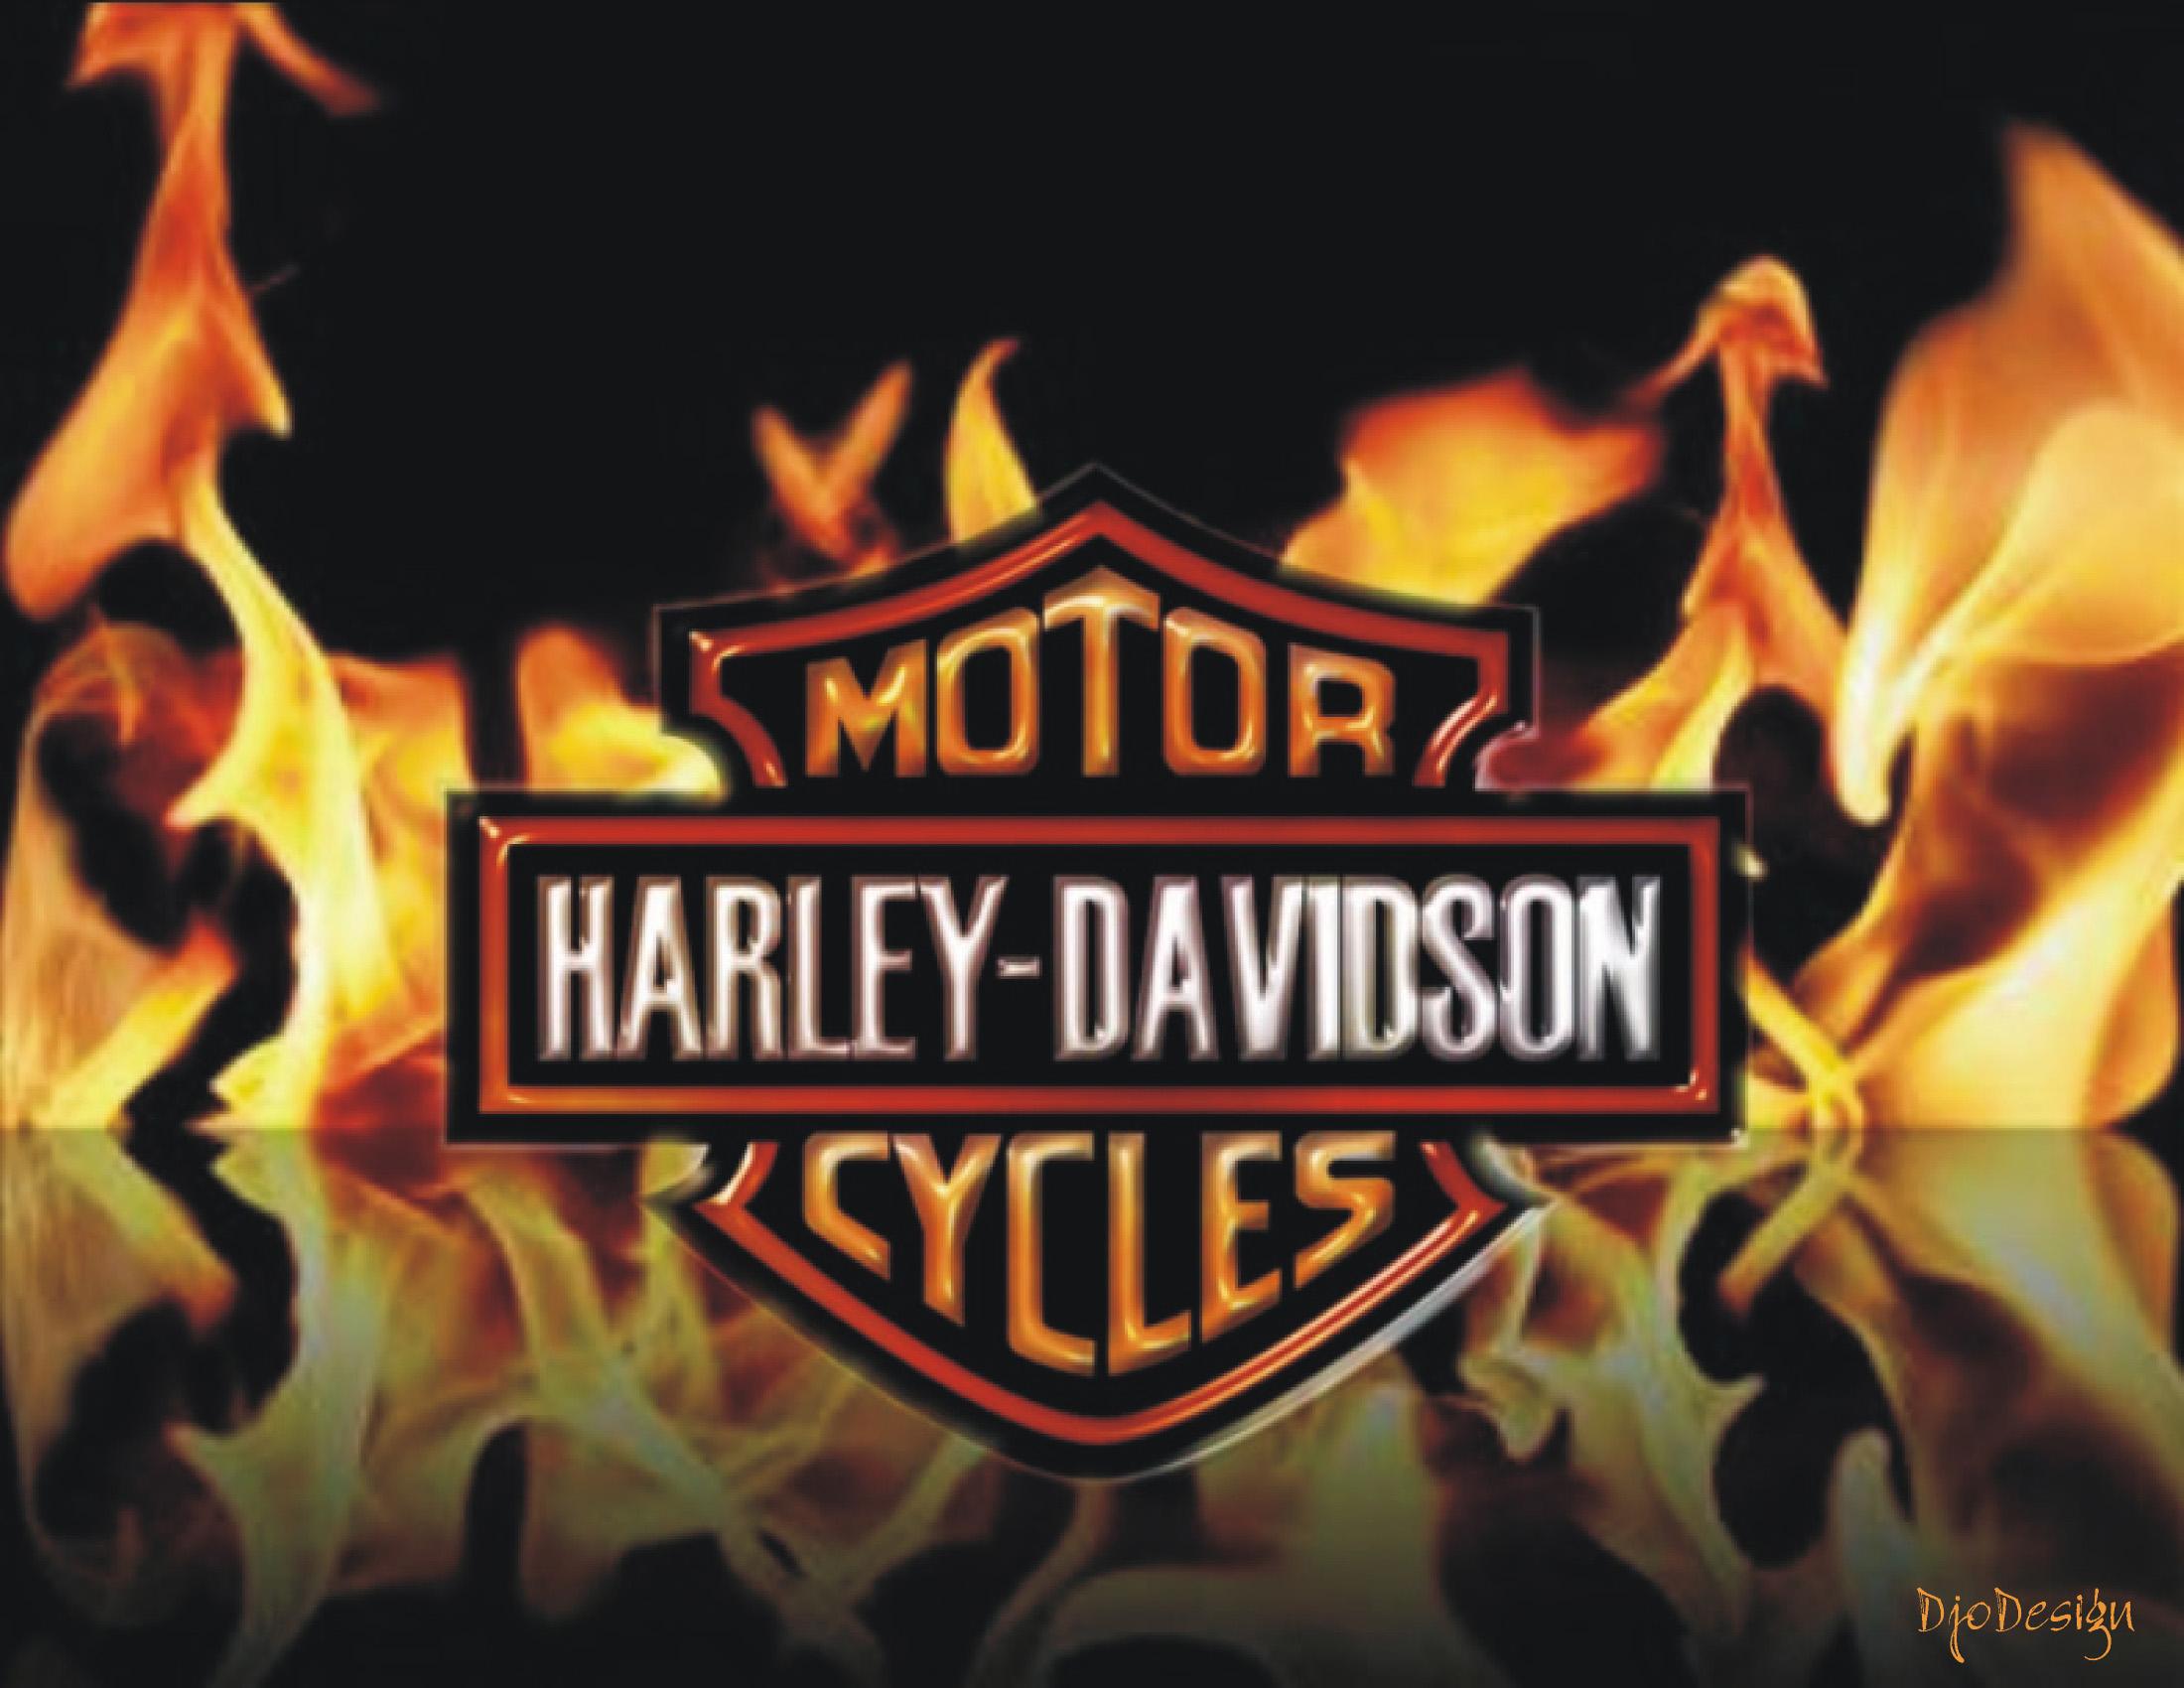 Harley Davidson Logo Fire